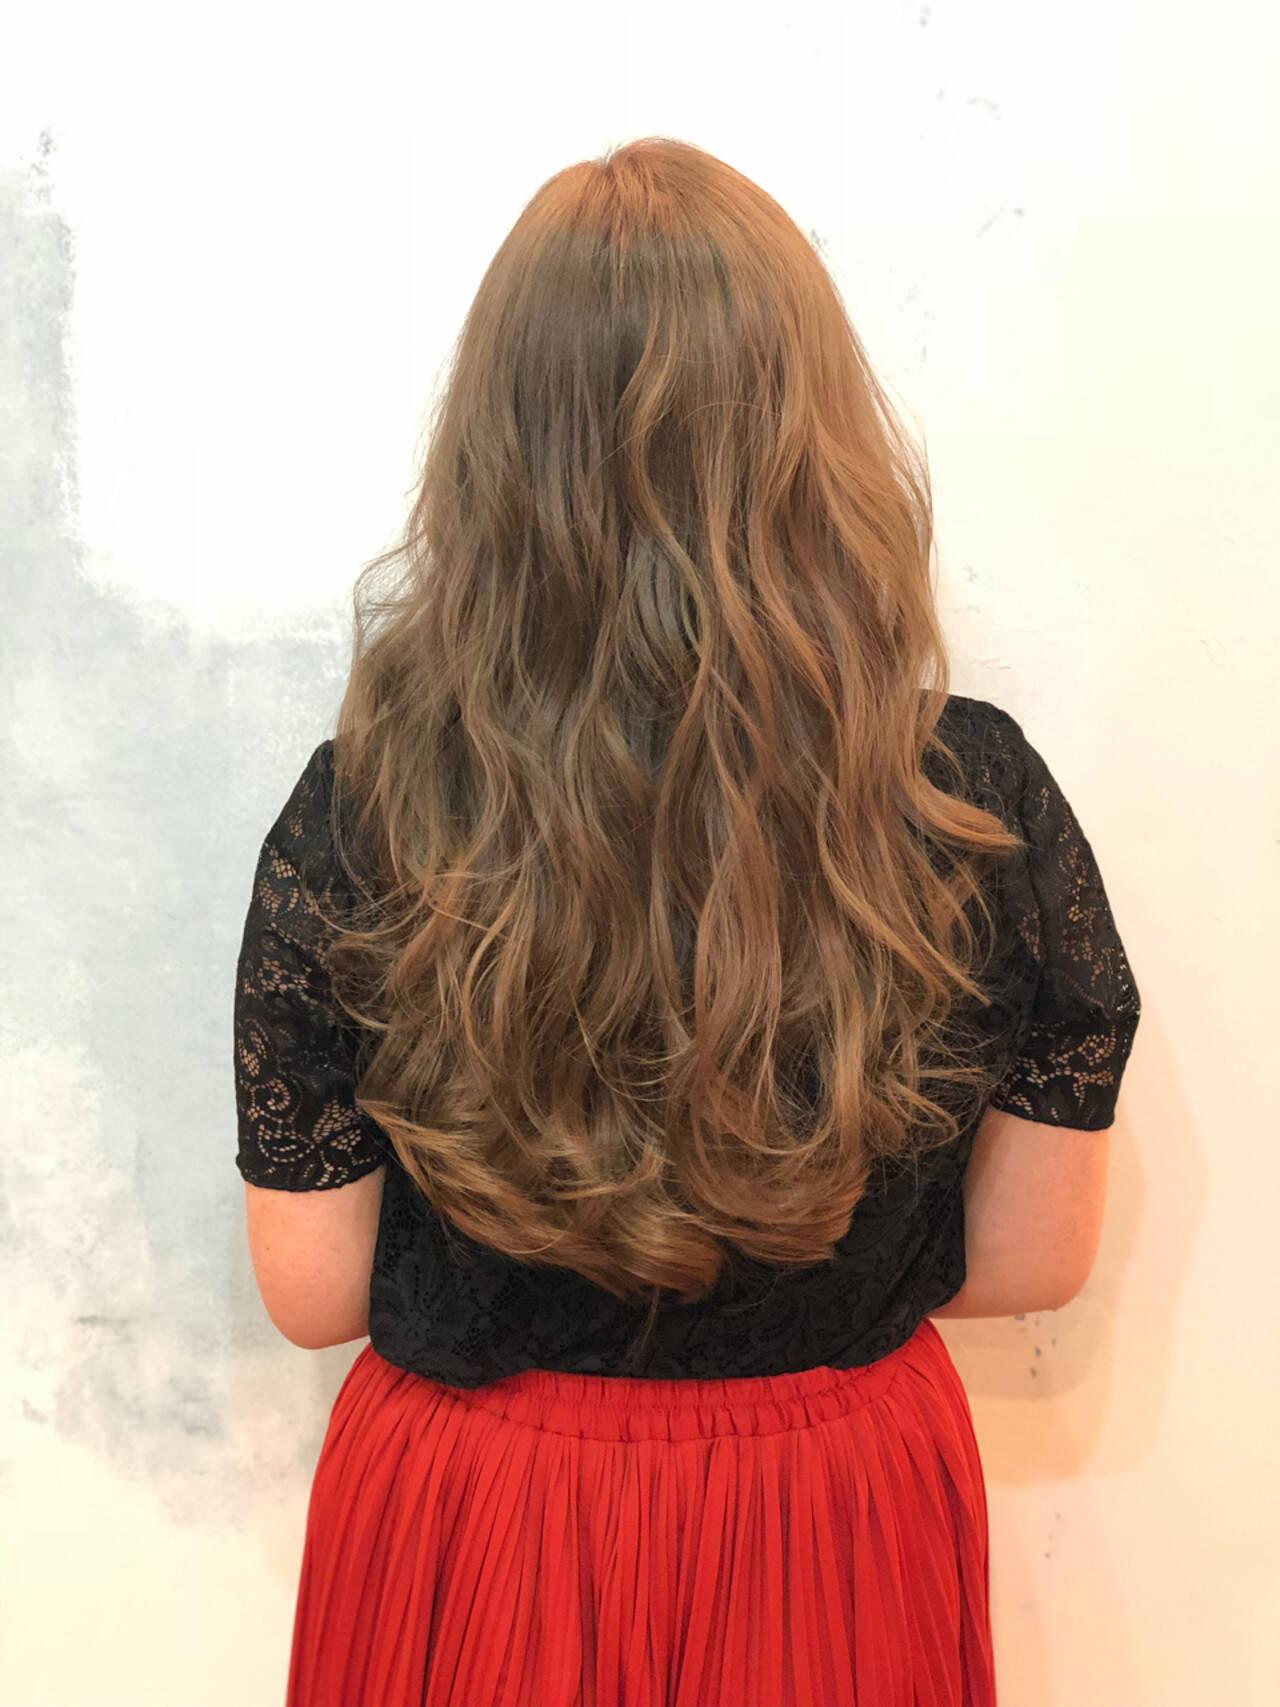 イルミナカラー 暗髪 外国人風カラー ナチュラルヘアスタイルや髪型の写真・画像